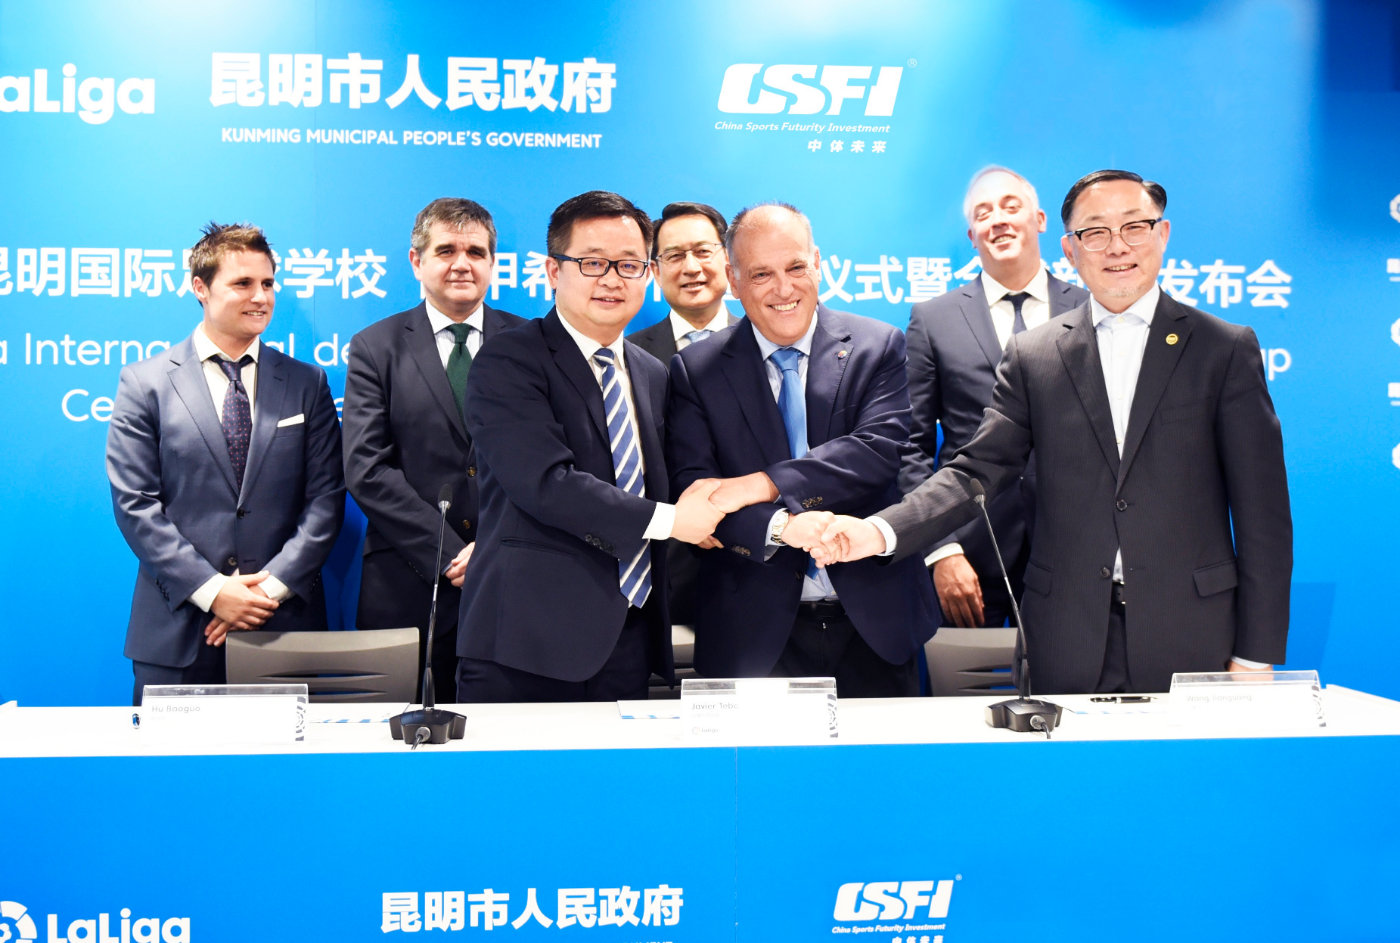 官方:西甲联盟将在中国开设永久性青训足球学院